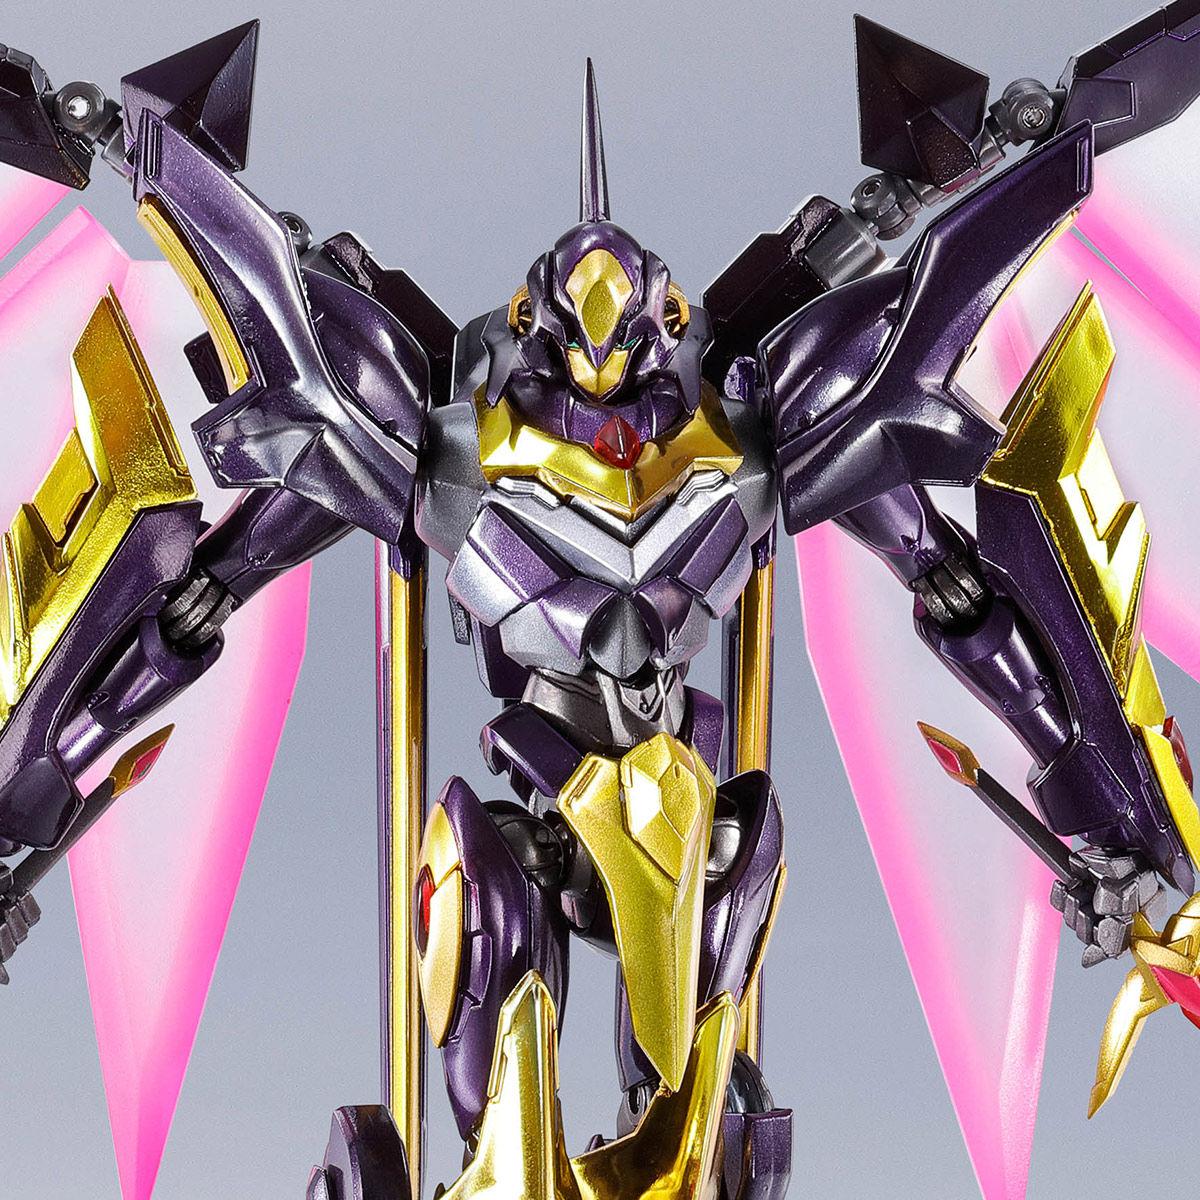 METAL ROBOT魂〈SIDE KMF〉『ランスロット・アルビオン ゼロ』コードギアス 可動フィギュア-001